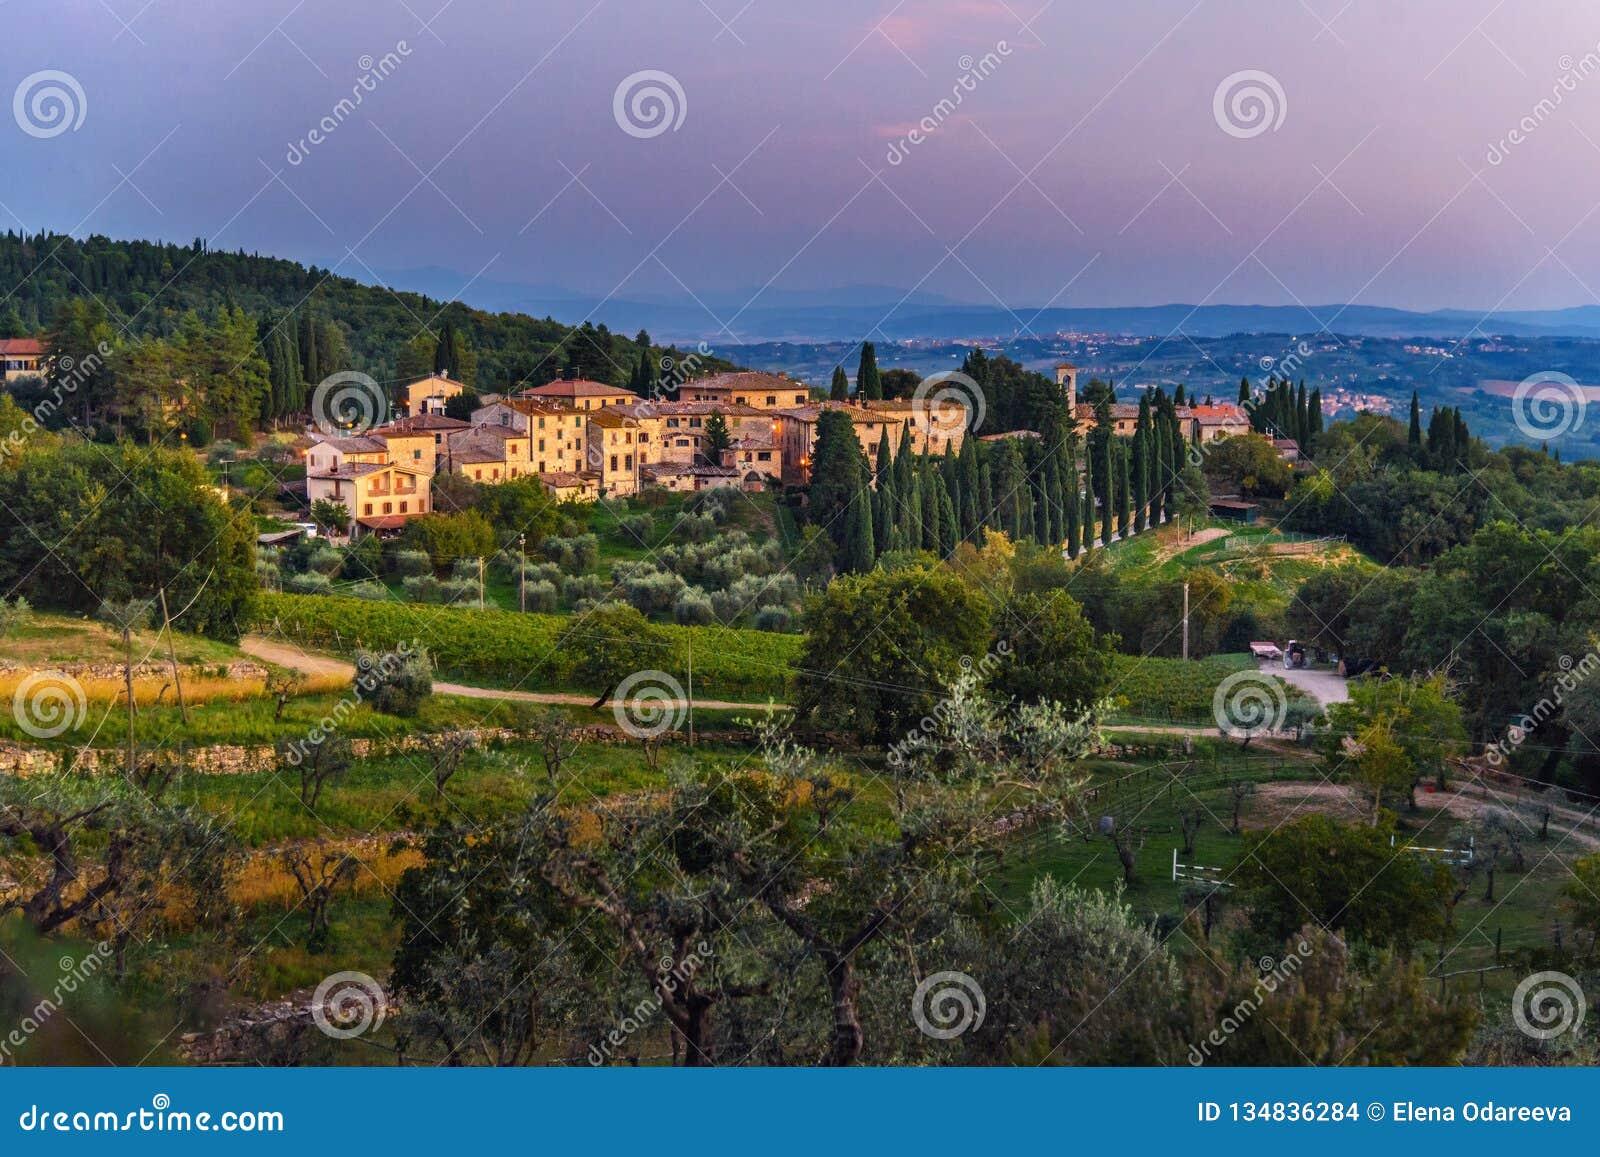 Άποψη σχετικά με Fonterutoli στο ηλιοβασίλεμα Είναι χωριουδάκι Castellina σε Chianti στην επαρχία της Σιένα Τοσκάνη Ιταλία